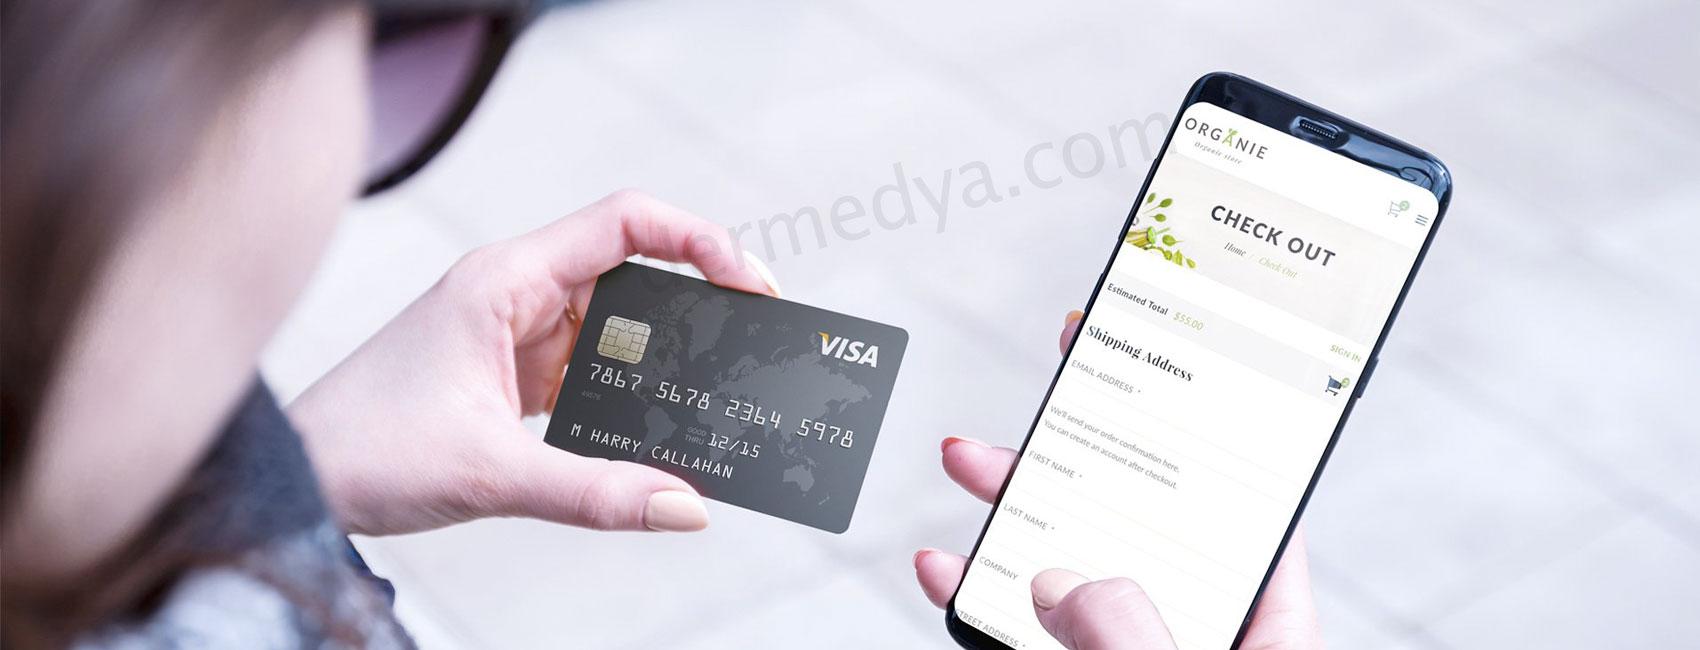 E-Ticaret ve Mobil Kullanımın Önemi